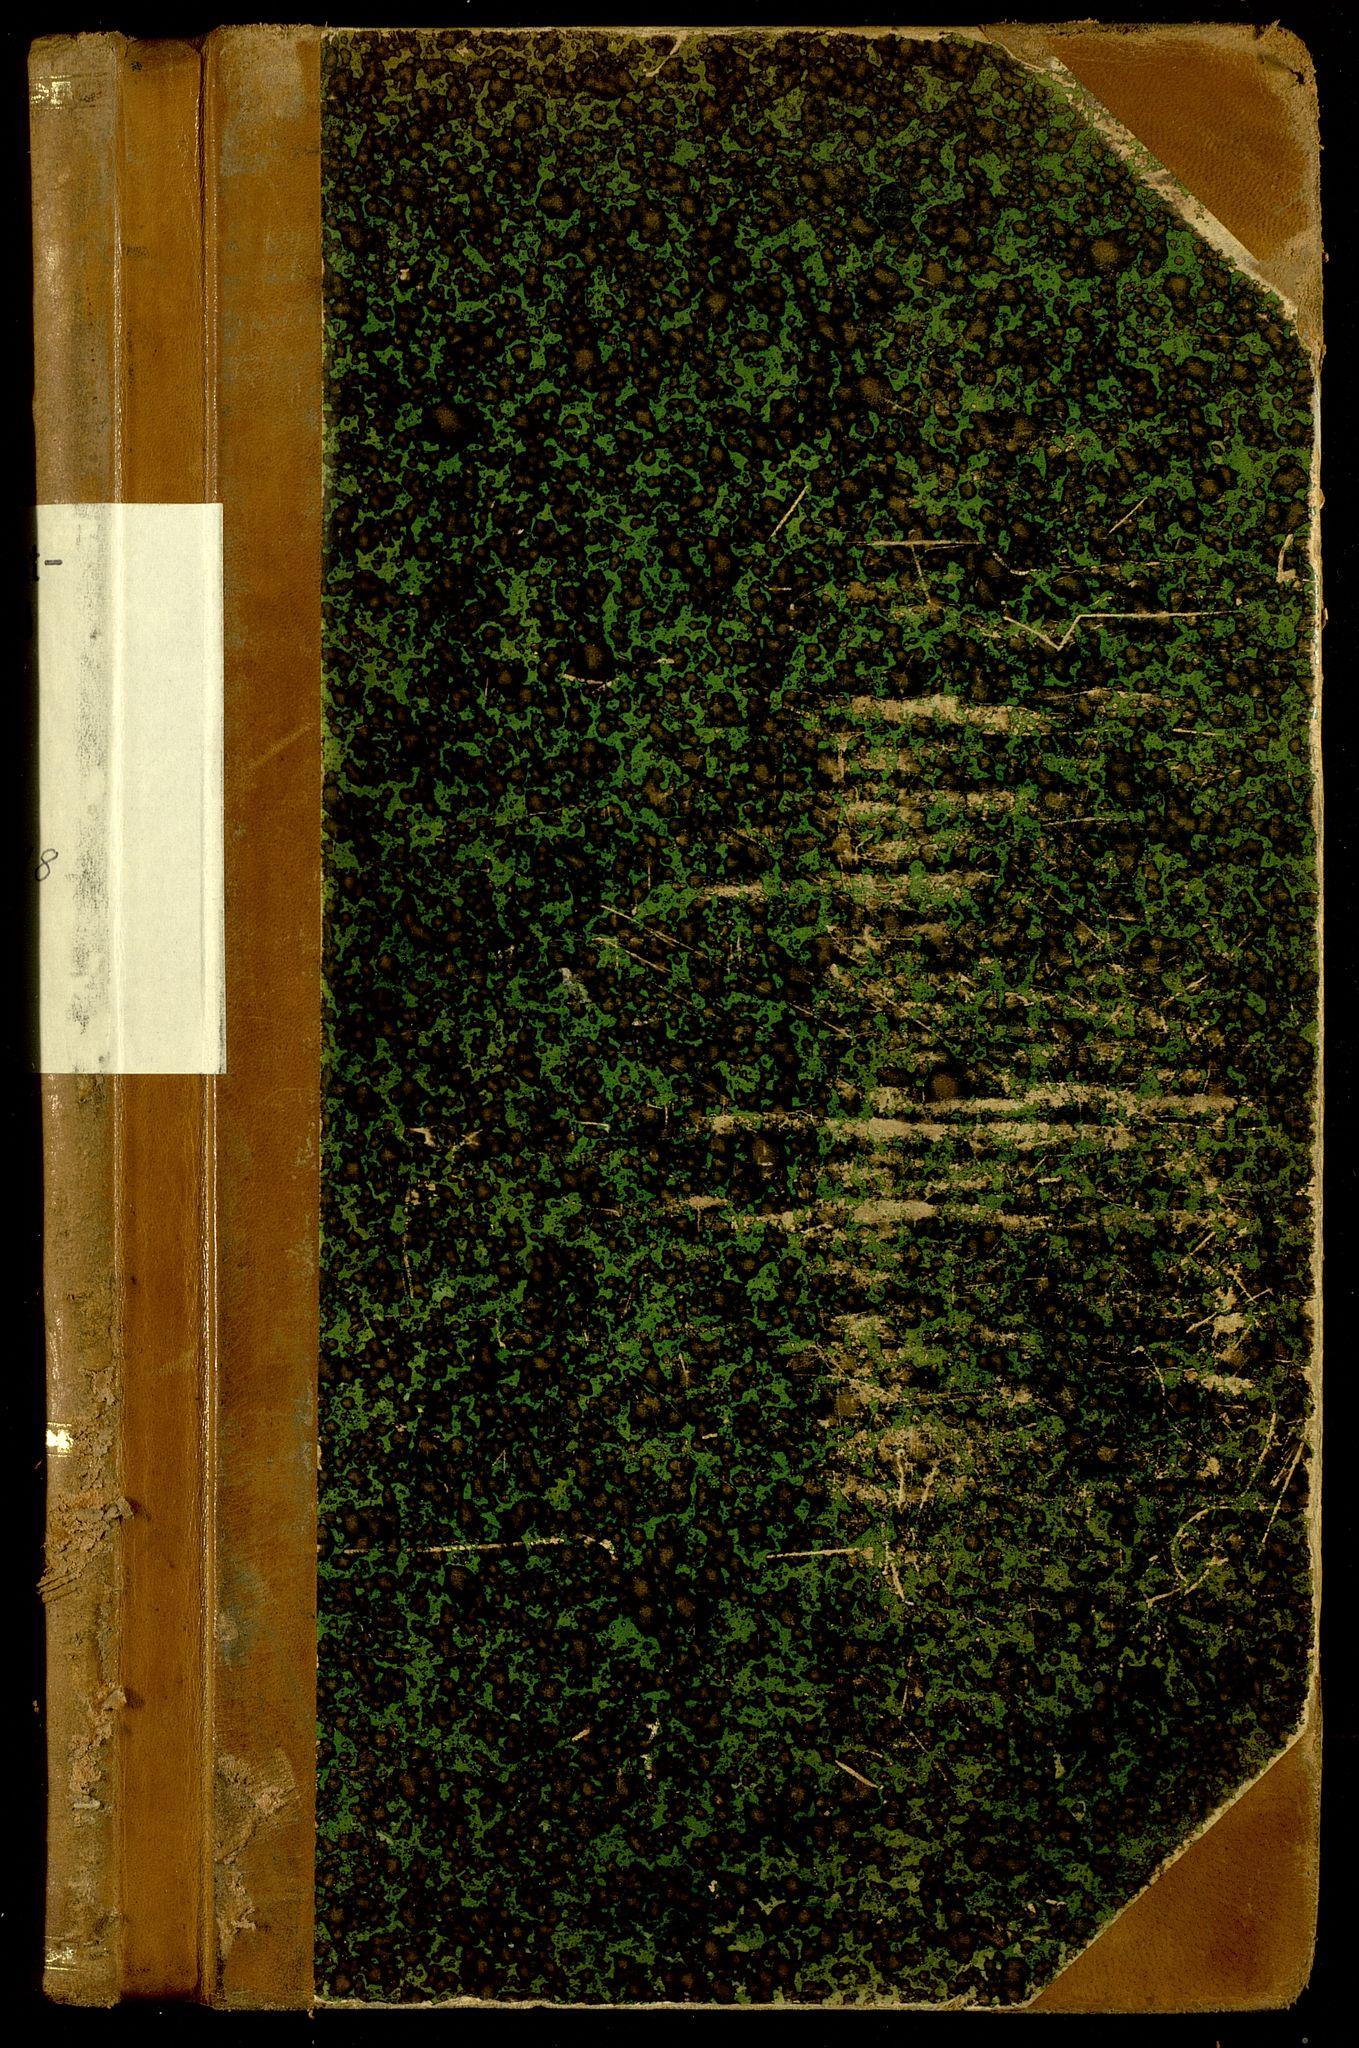 SAH, Norges Brannkasse, Hof, F/L0009: Branntakstprotokoll, 1914-1918